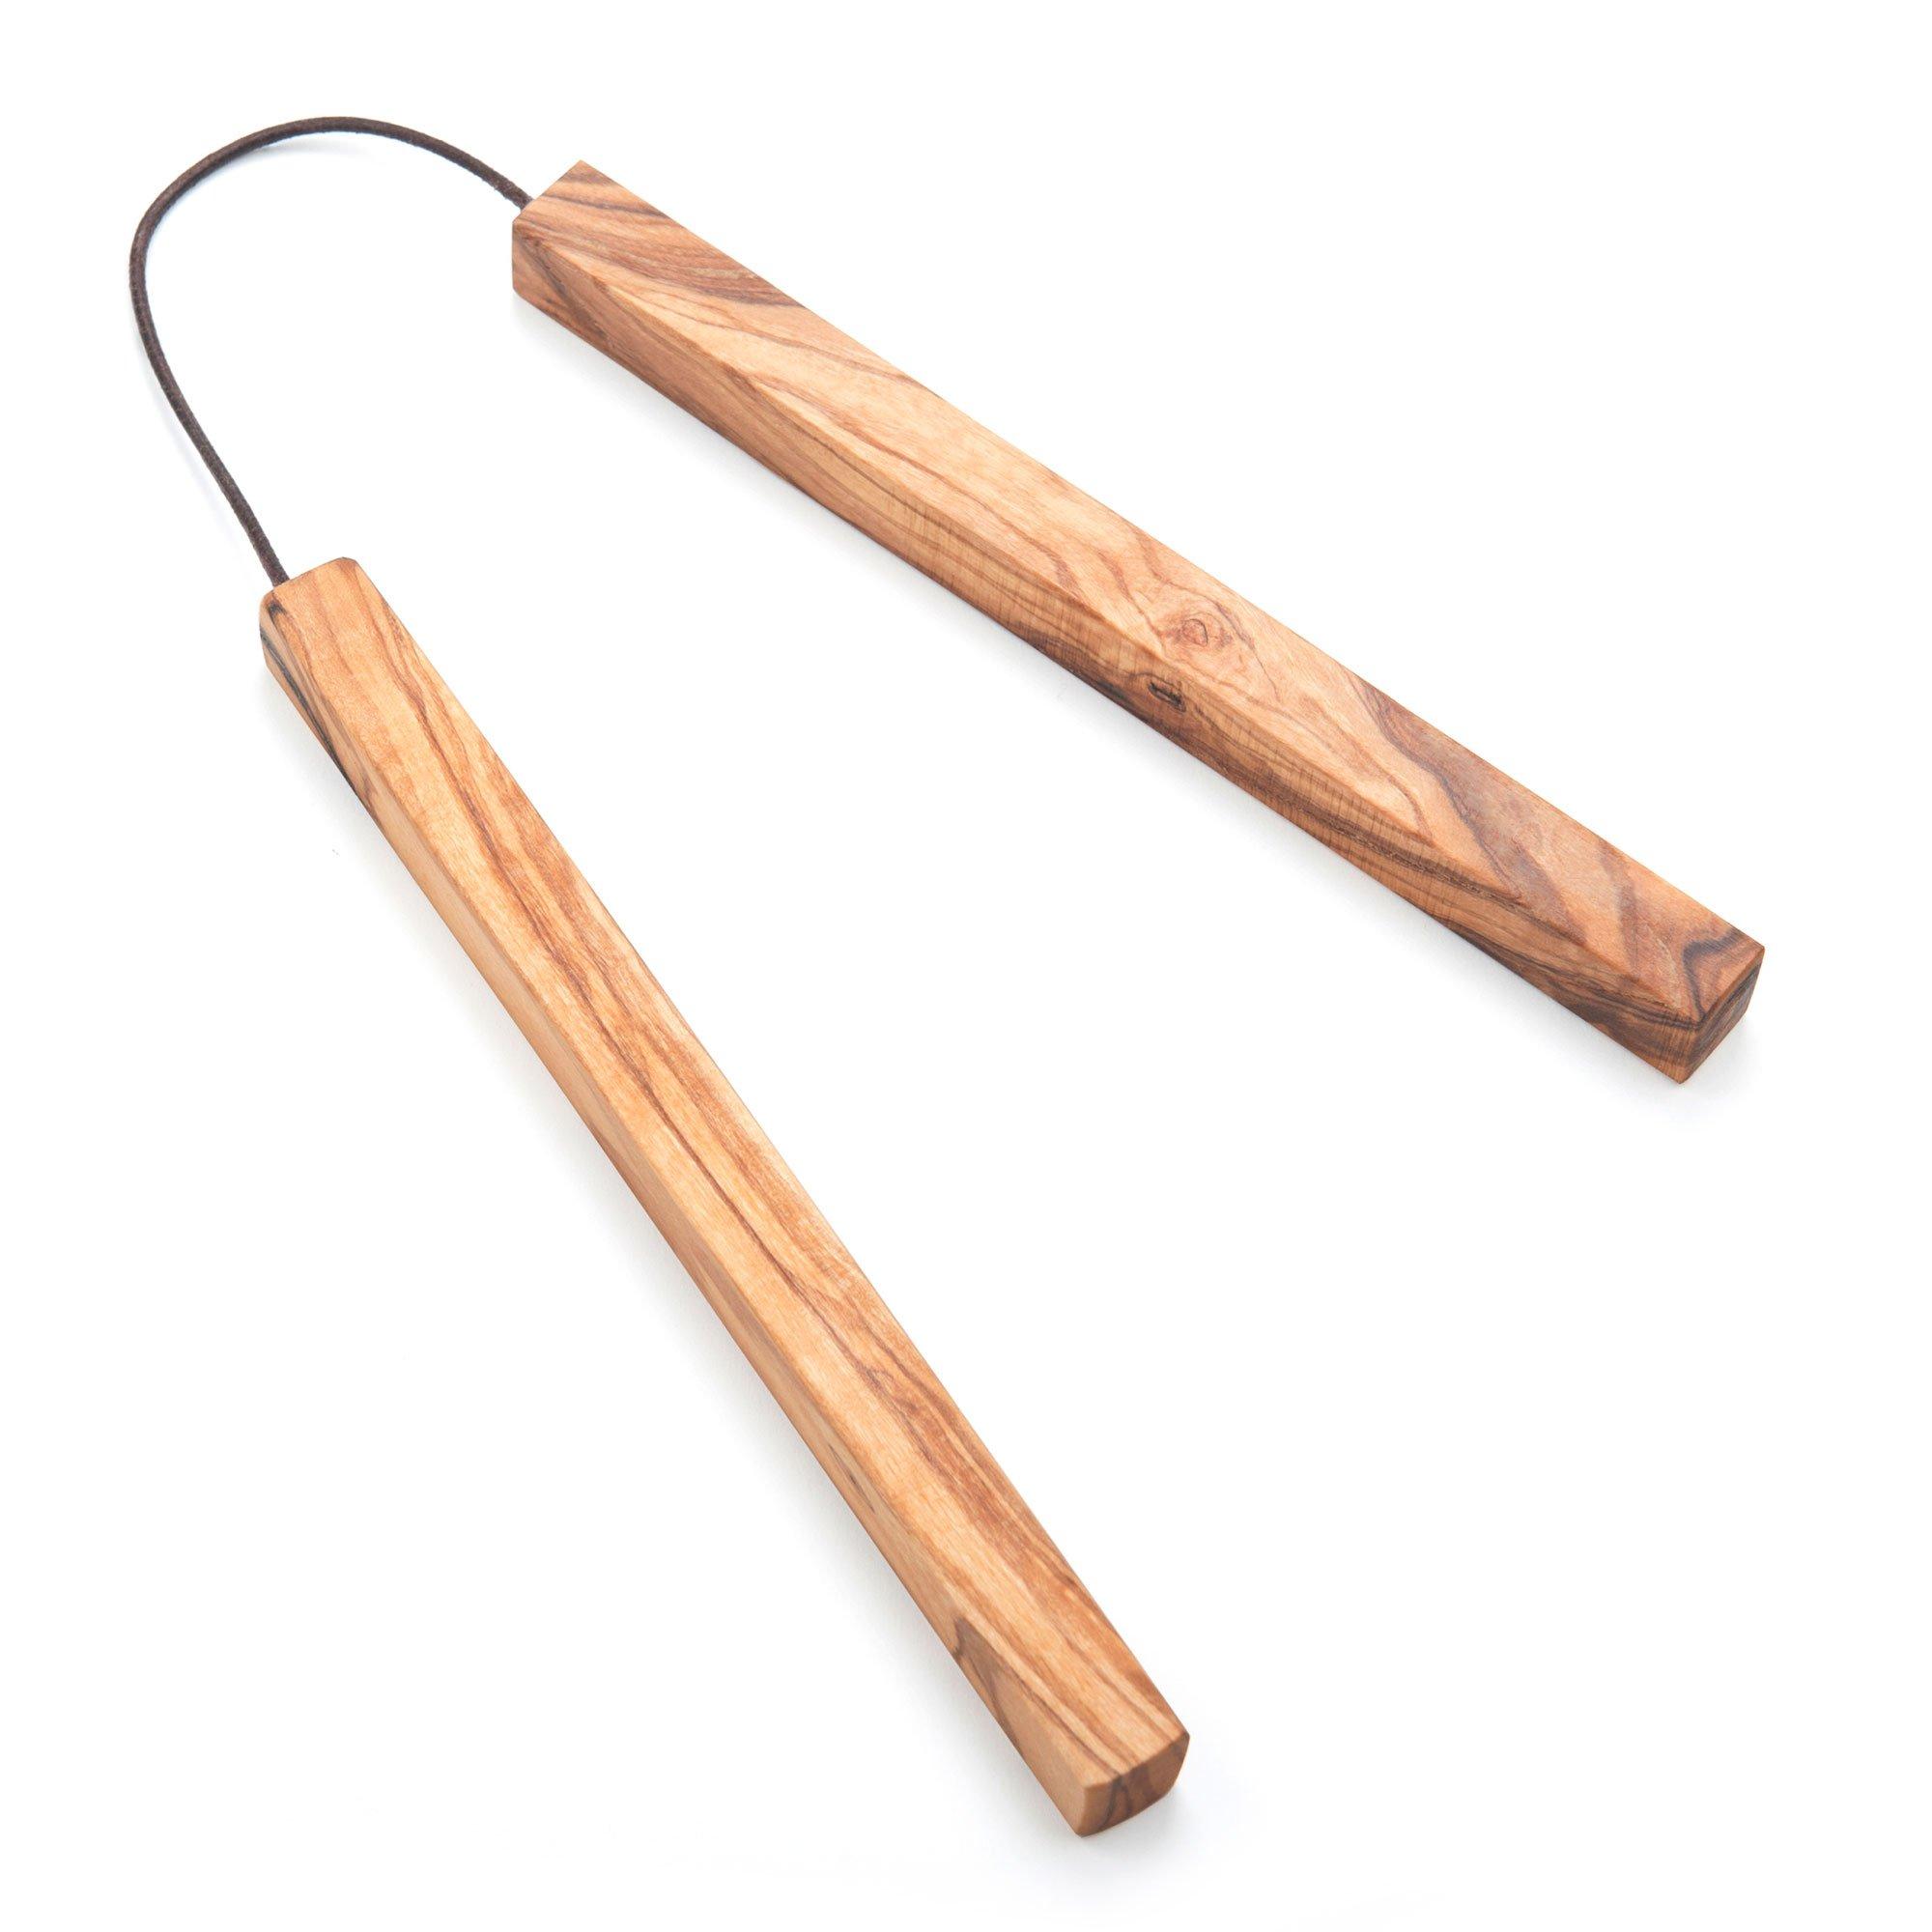 NATUREHOME Trivet - Olive Wood - Coaster - 7.5''